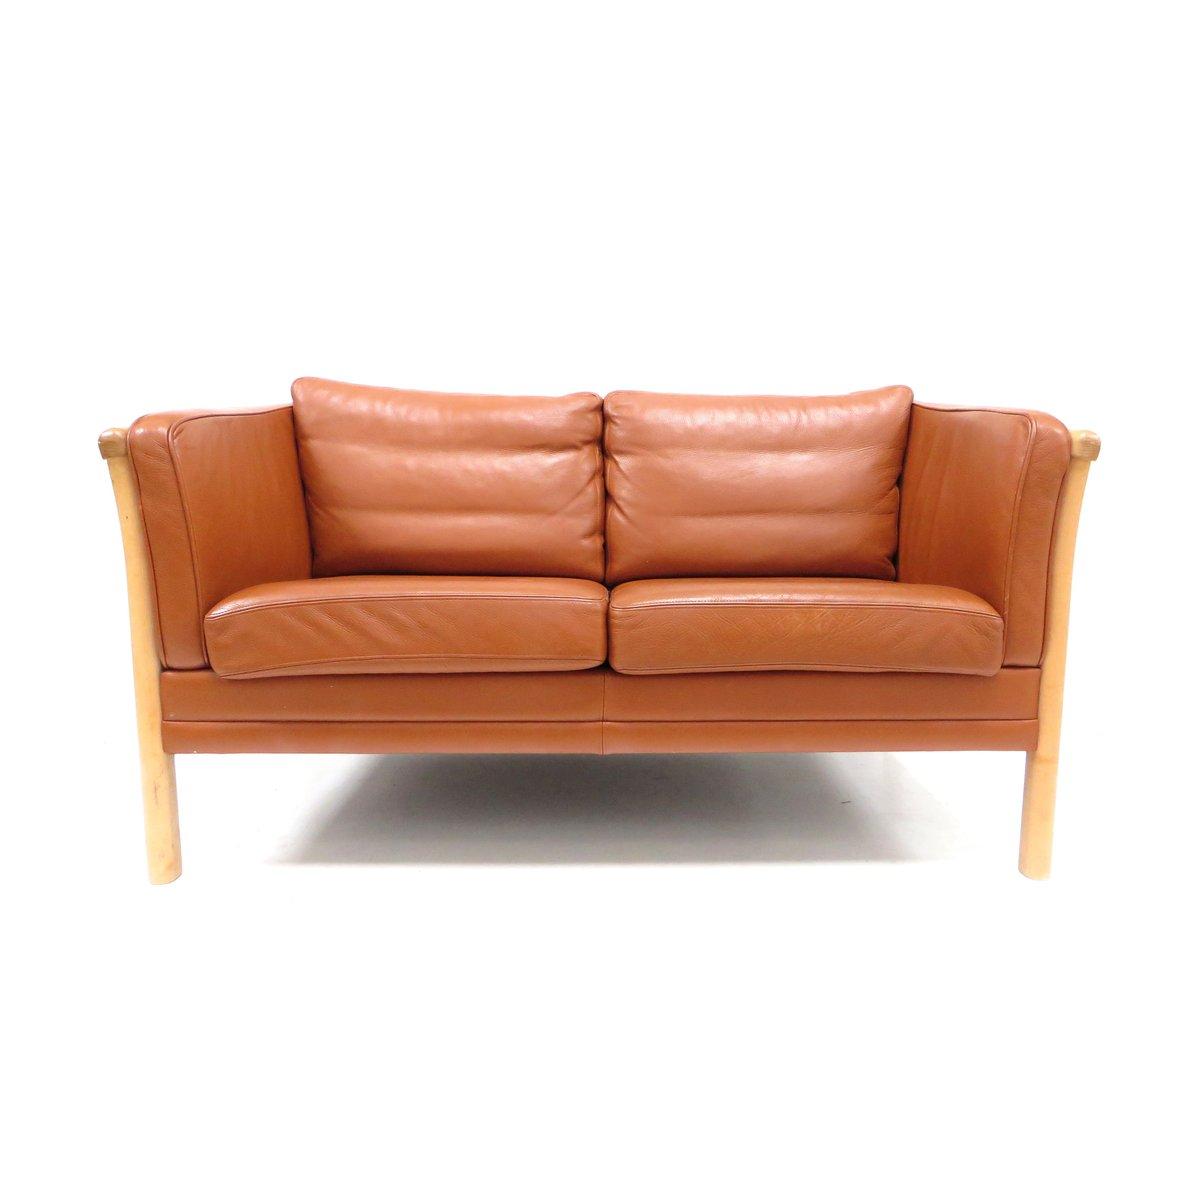 d nisches mid century zwei sitzer sofa von mogens hansen. Black Bedroom Furniture Sets. Home Design Ideas